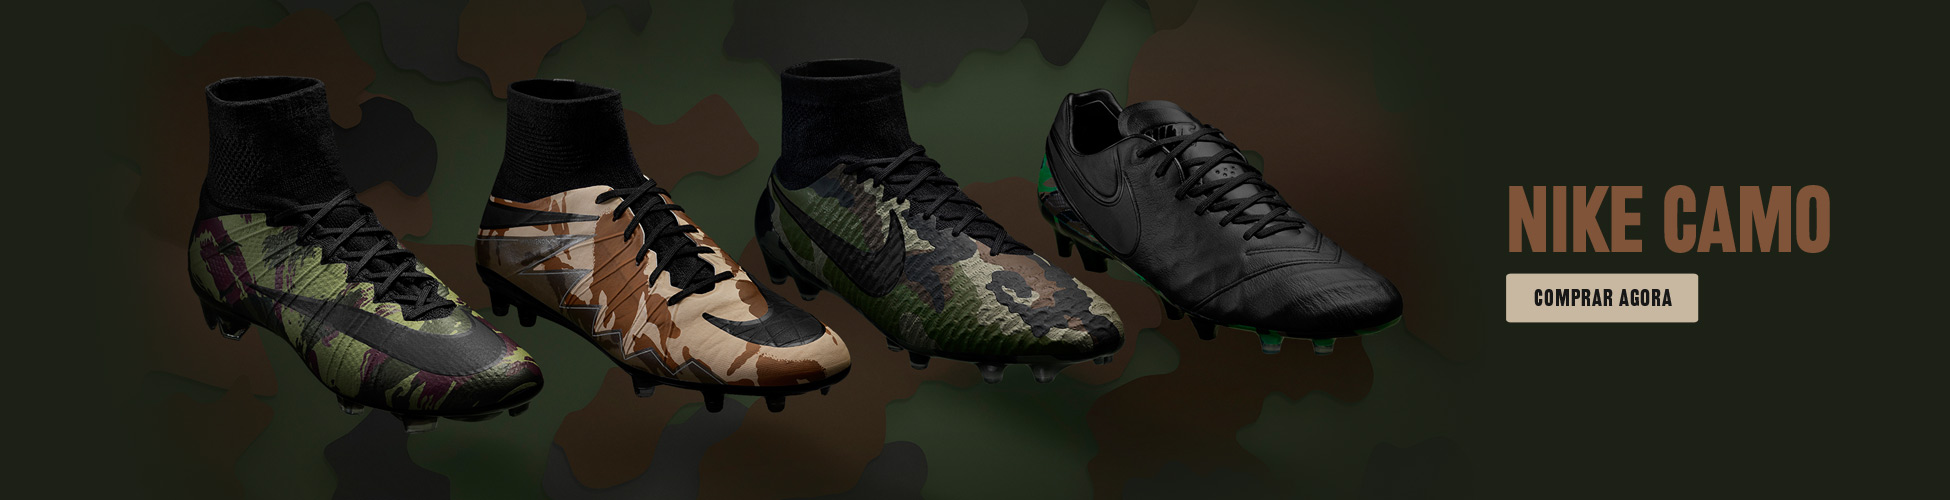 Botas Nike Camo Pack PT